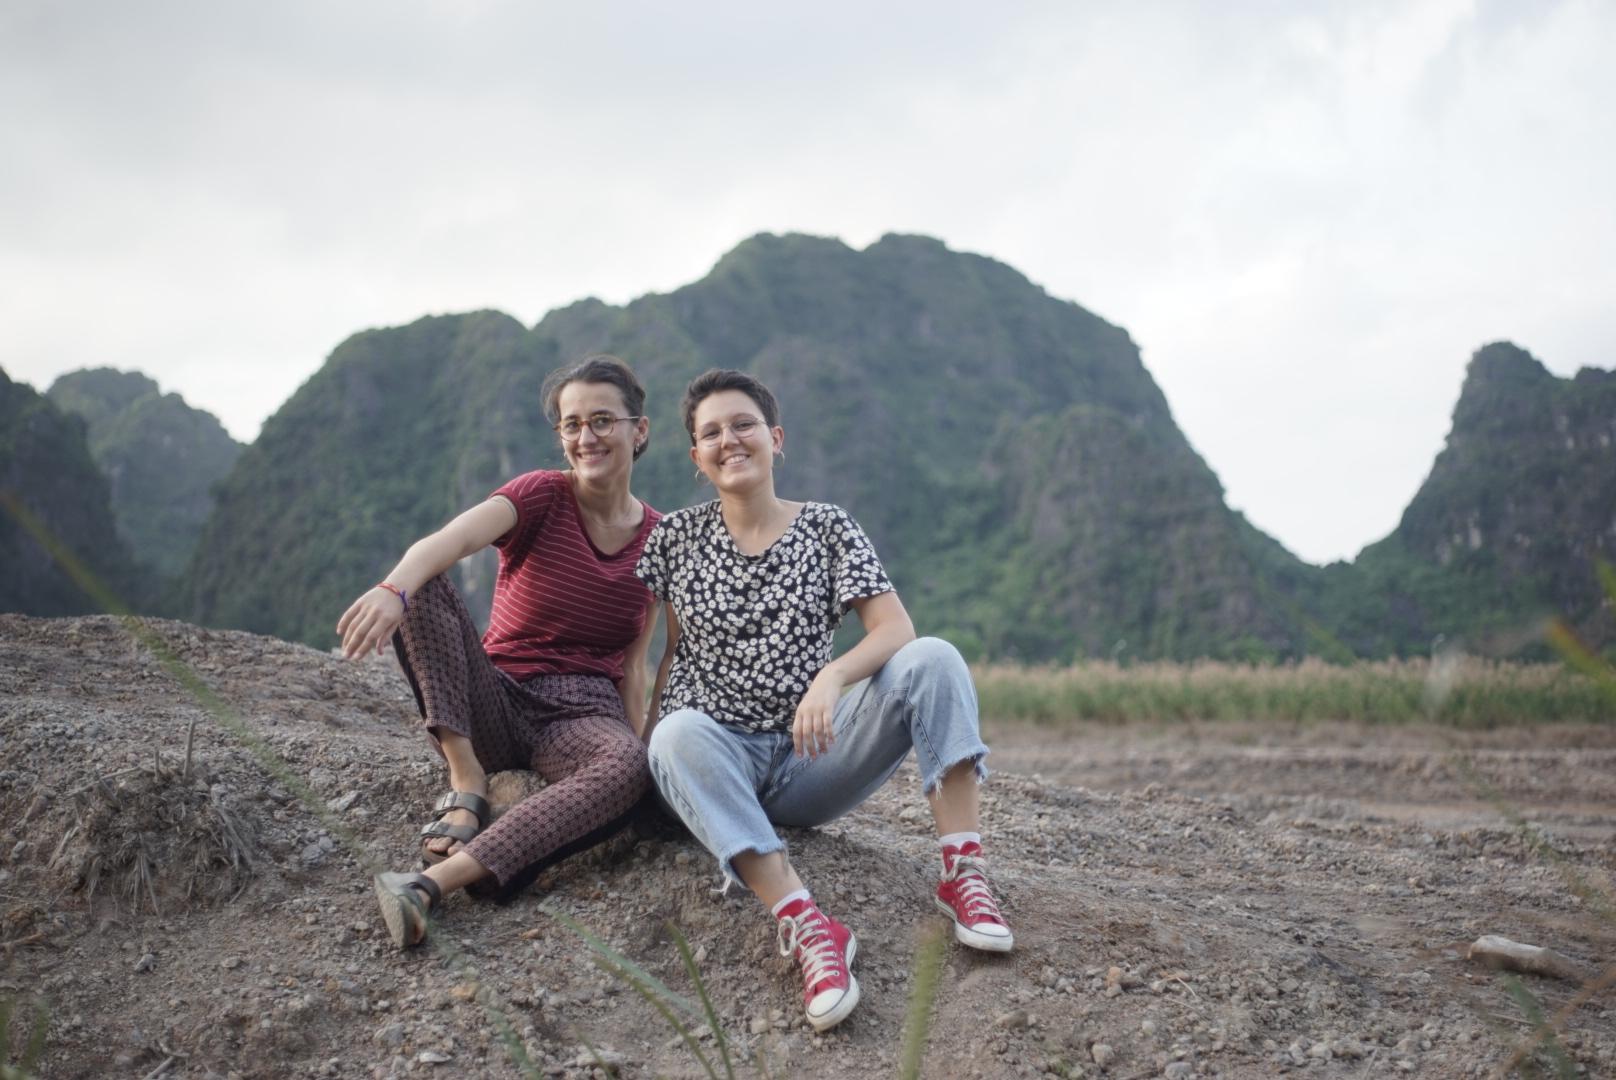 Chloé et Louna en tour du monde d'une mode éthique et responsable